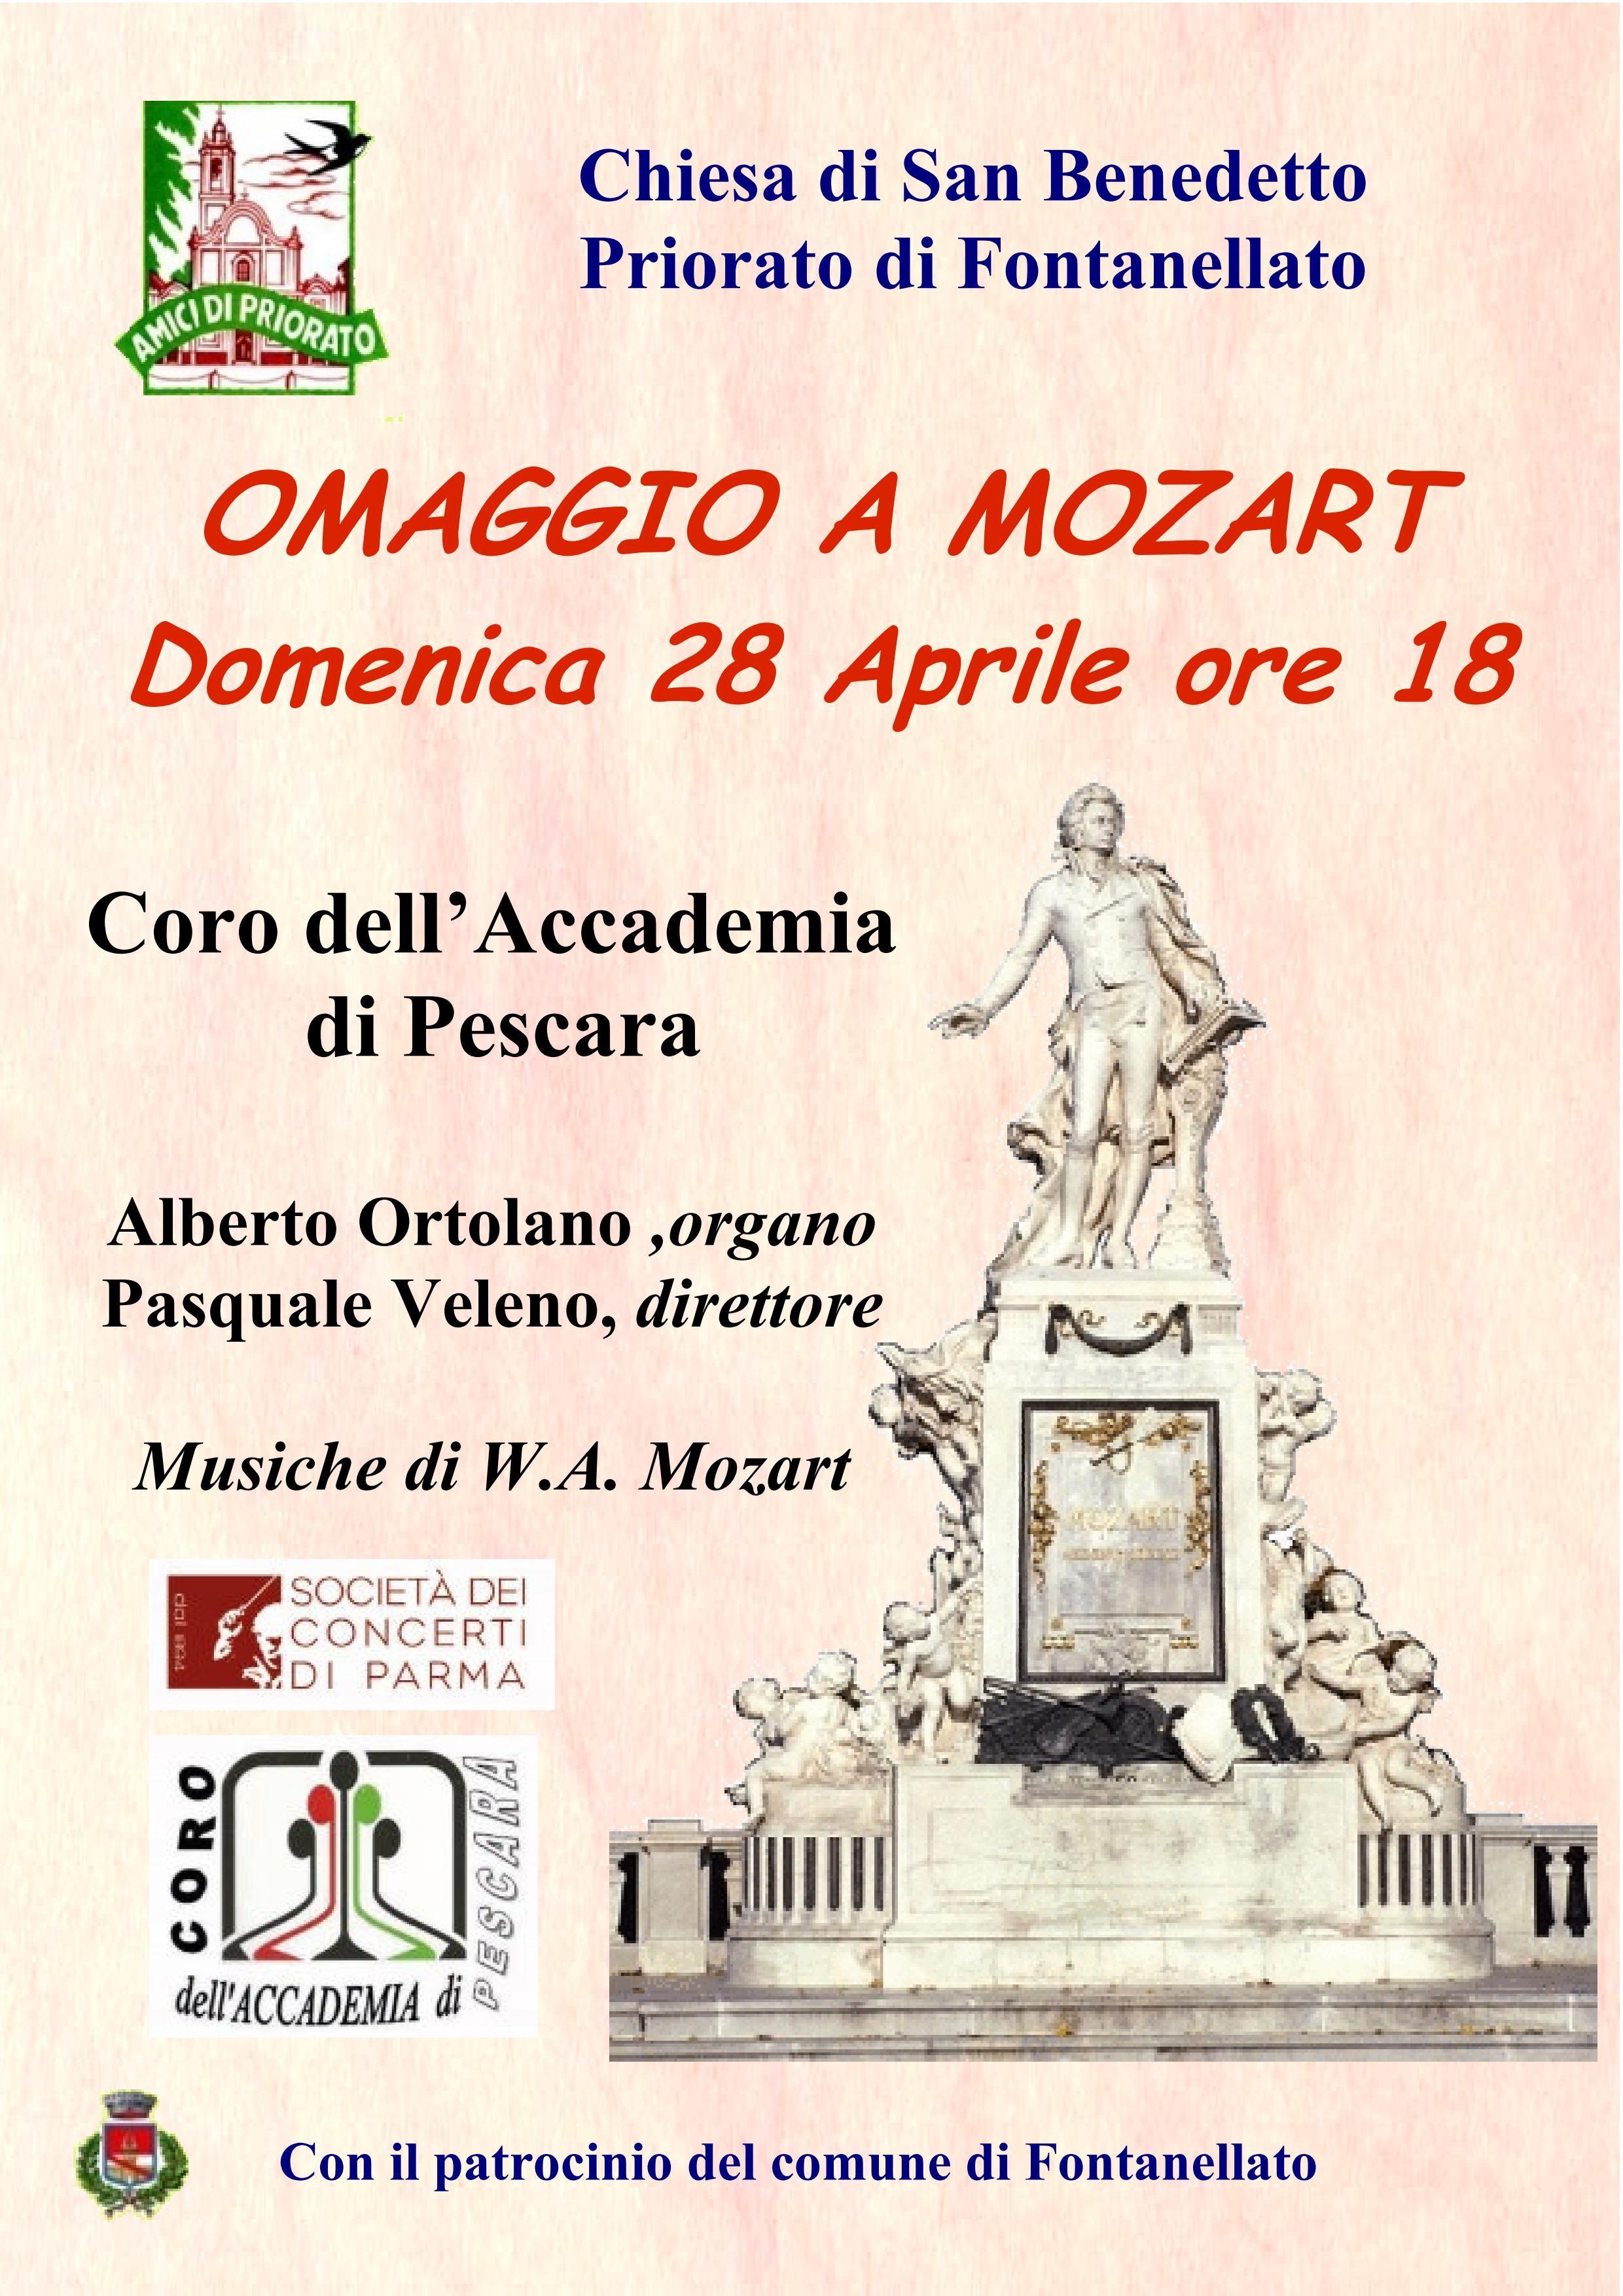 Omaggio a Mozart concerto del Coro dell'accademia di Pescara a Priorato